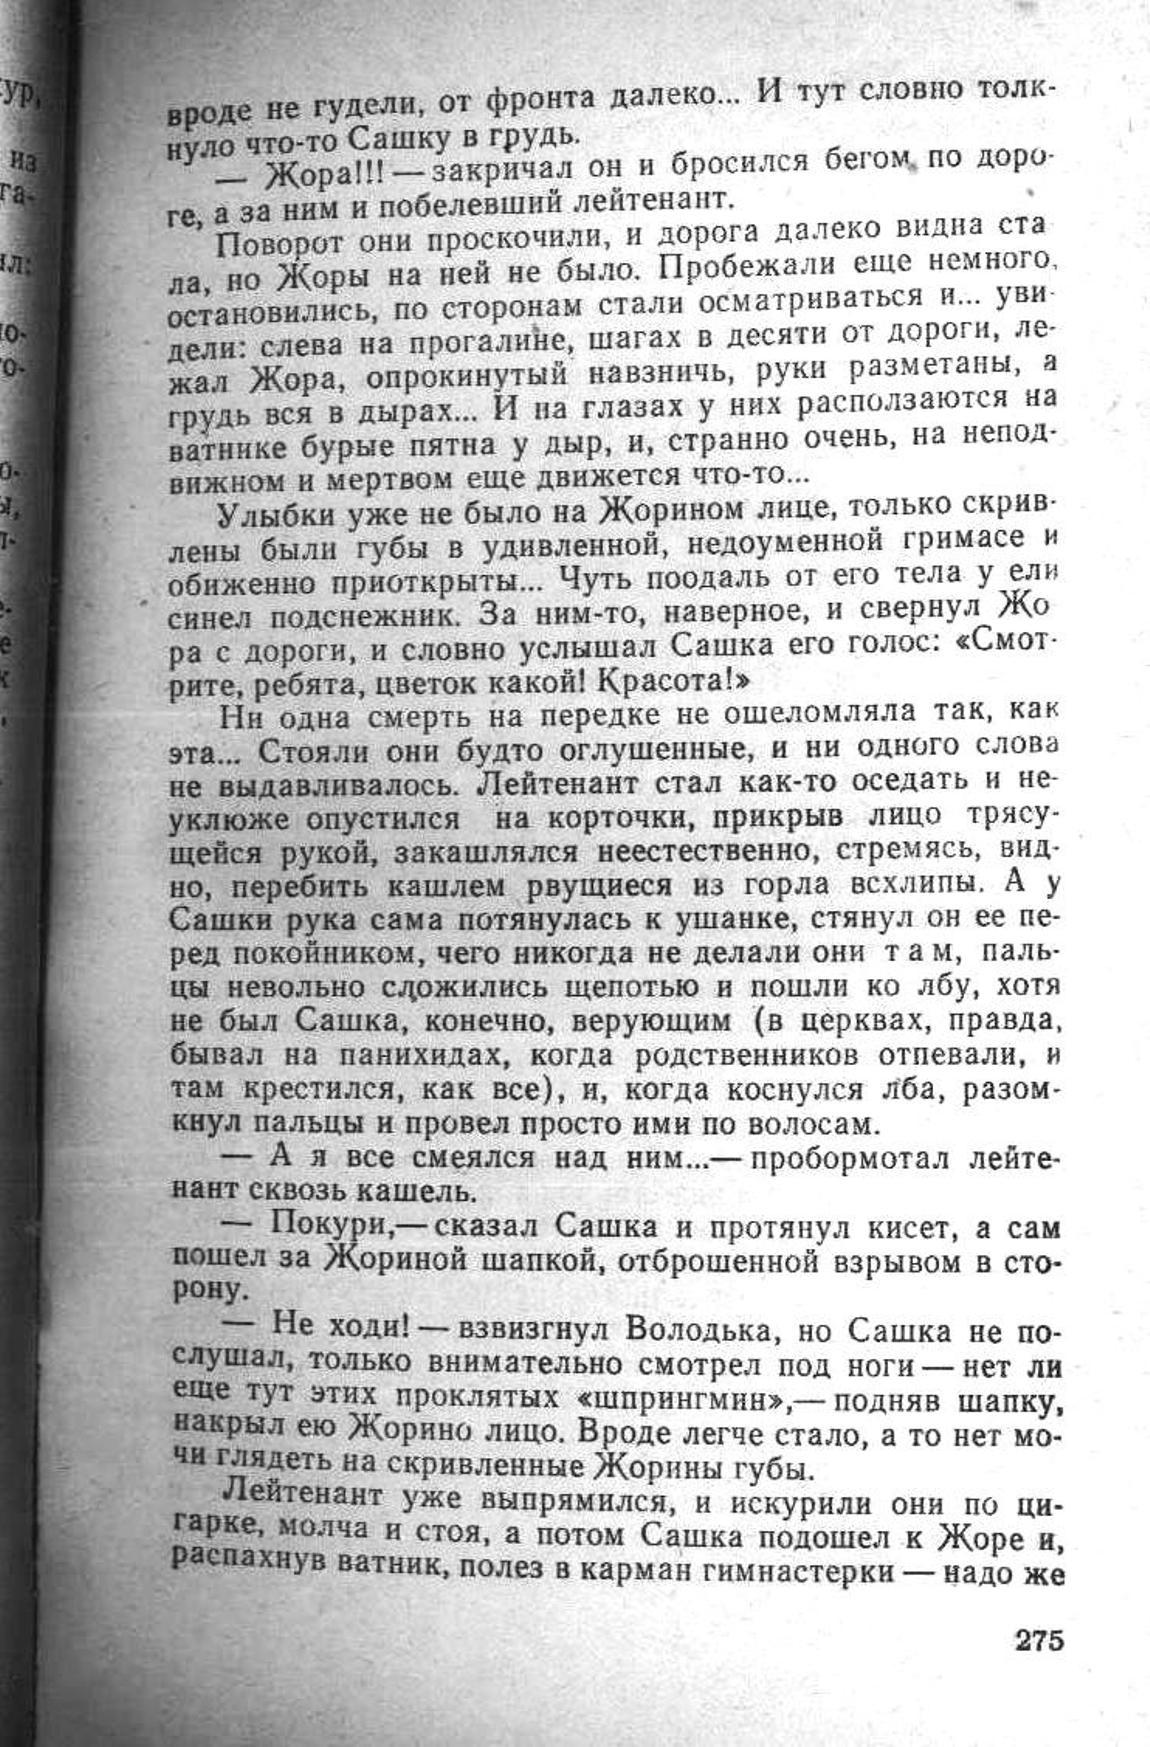 Сашка. Повесть. Вячеслав Кондратьев. 015. 002